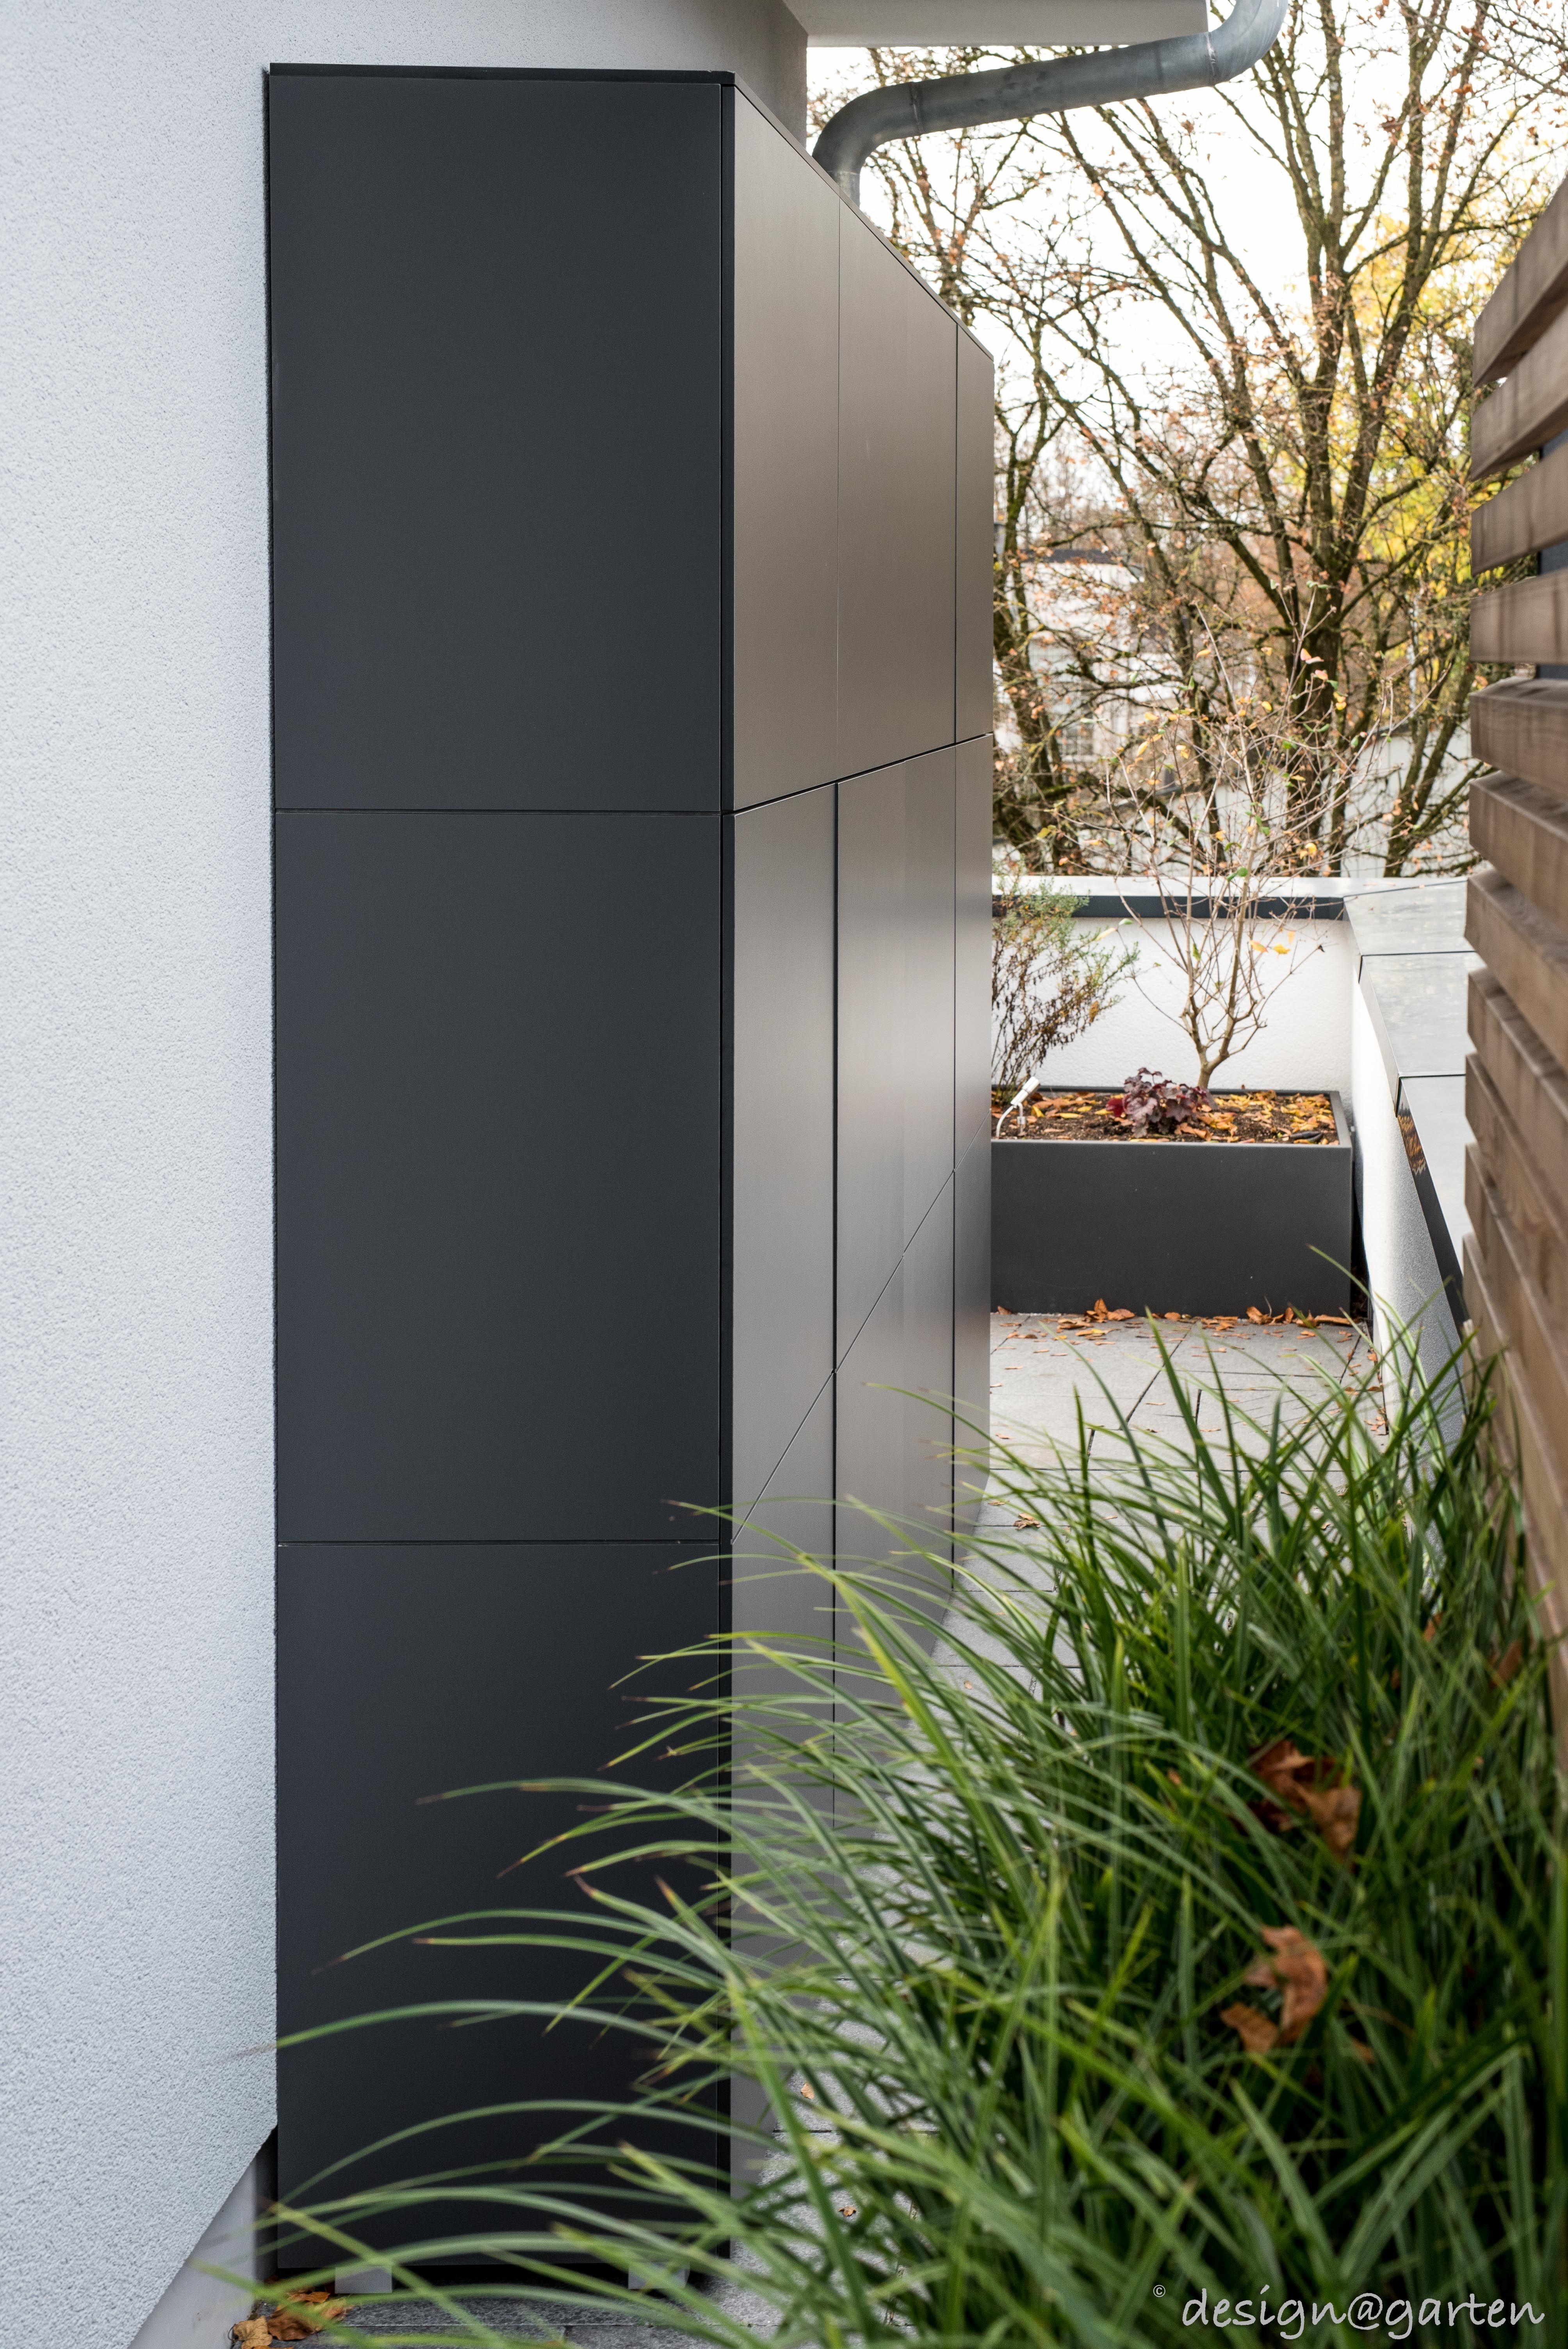 Edler Schrank Fur Terrasse Und Balkon Fur Dieaufbewahrung Von Kissen Gartengeraten Und Vielem Mehr Functional In 2020 Garden Storage Stair Lighting Patio Cabinet